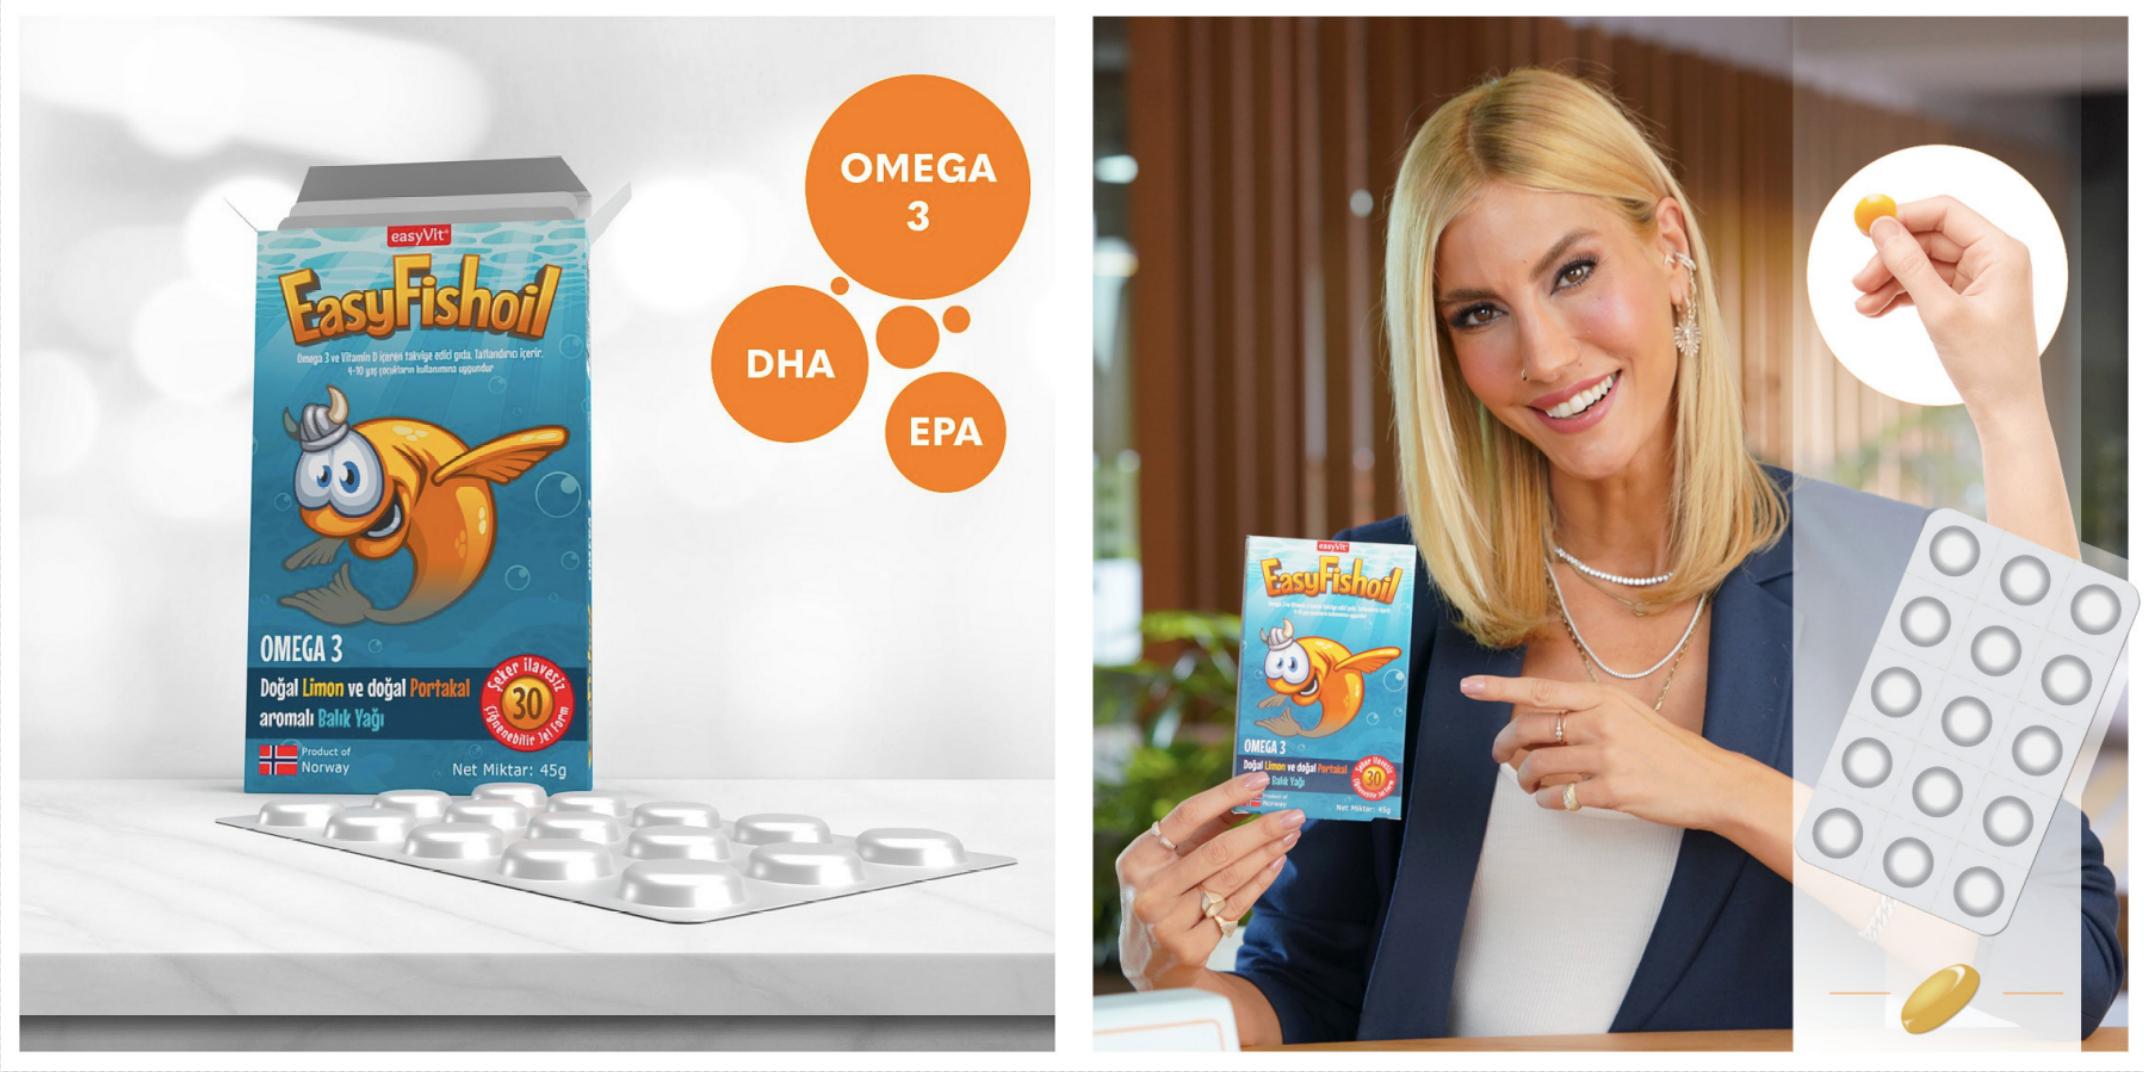 Tek Tek Paketlenen Yeni Formulüyle Kullanan Annelerin % 95'inin Memnun Kaldığı Balık Yağı EasyFishoil ile Tanışın!